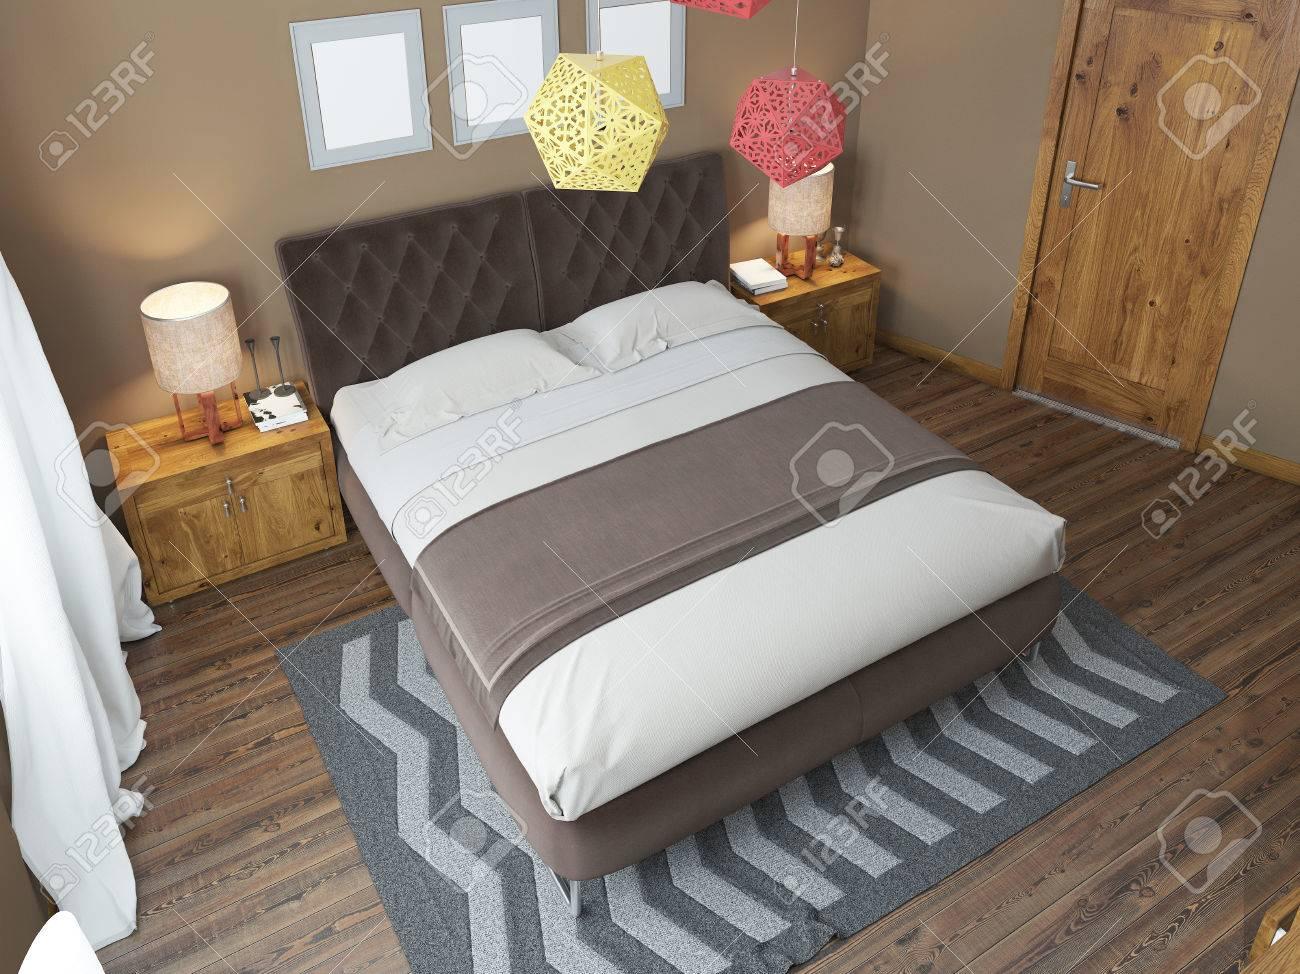 luminosa camera da letto di lusso nel soppalco. la camera da letto ... - Soppalco Camera Da Letto